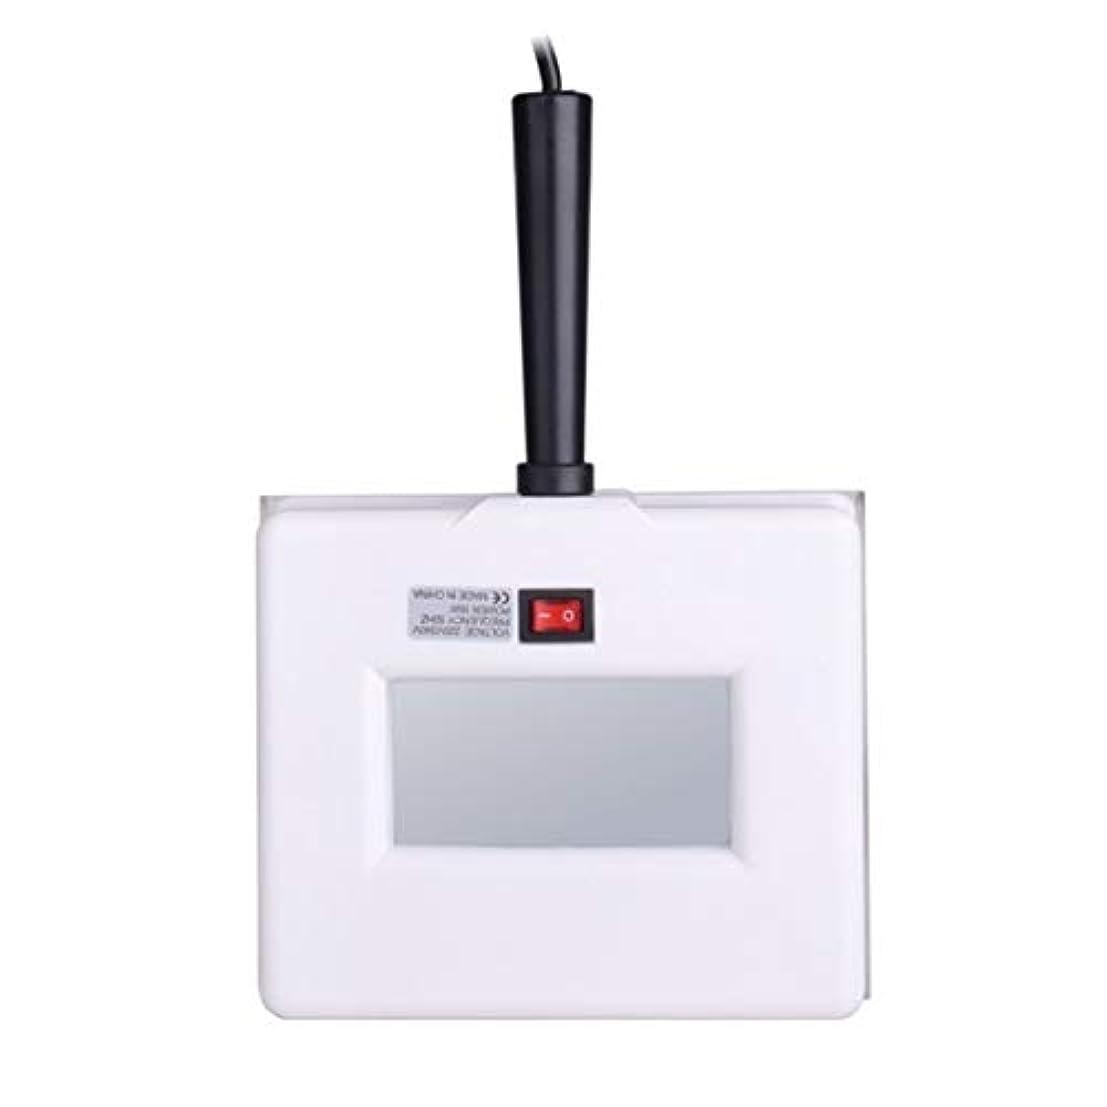 対立顔料うがい薬IntercoreyランプスキンケアUVスキンテストライトウッドランプスキンアナライザープロウッドランプUV拡大美容フェイシャルデバイス